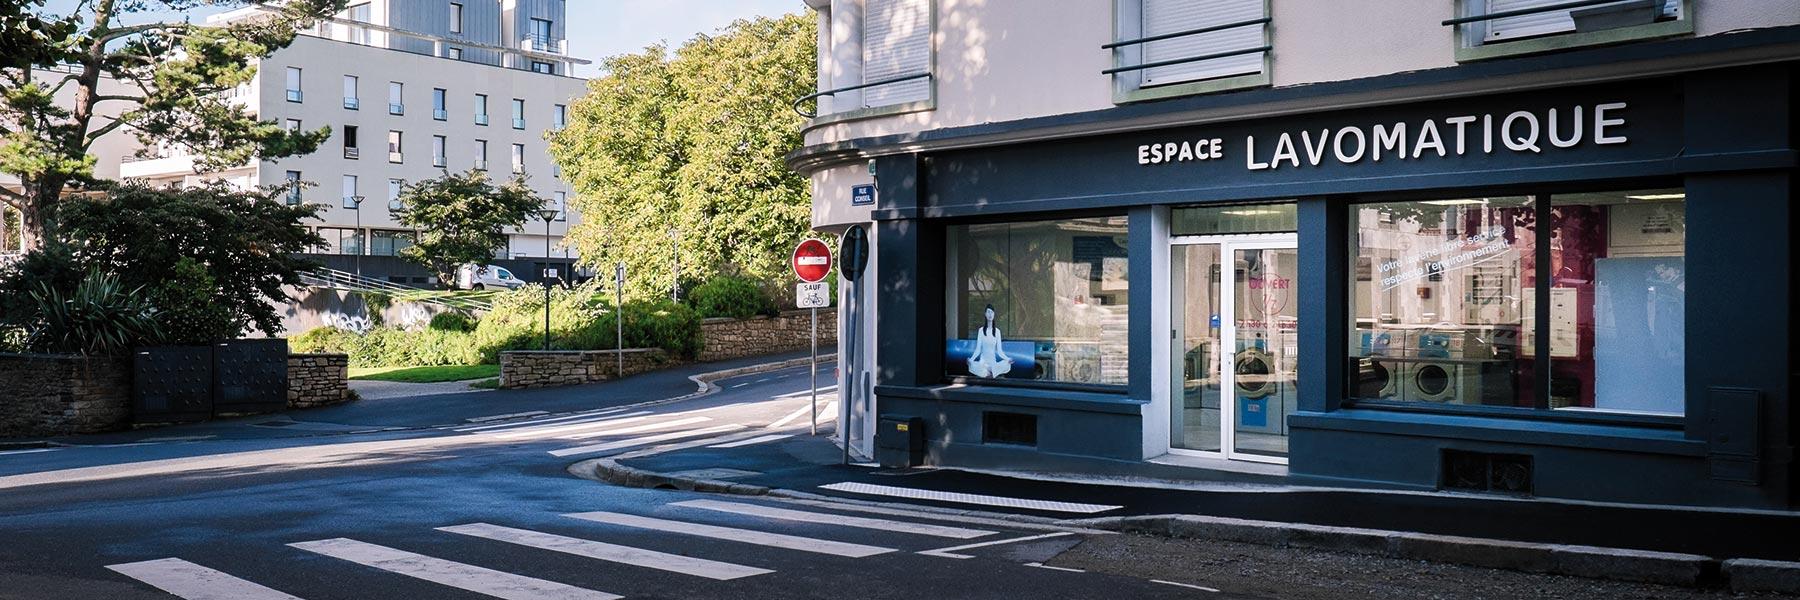 Vos laveries à Brest et Guipavas